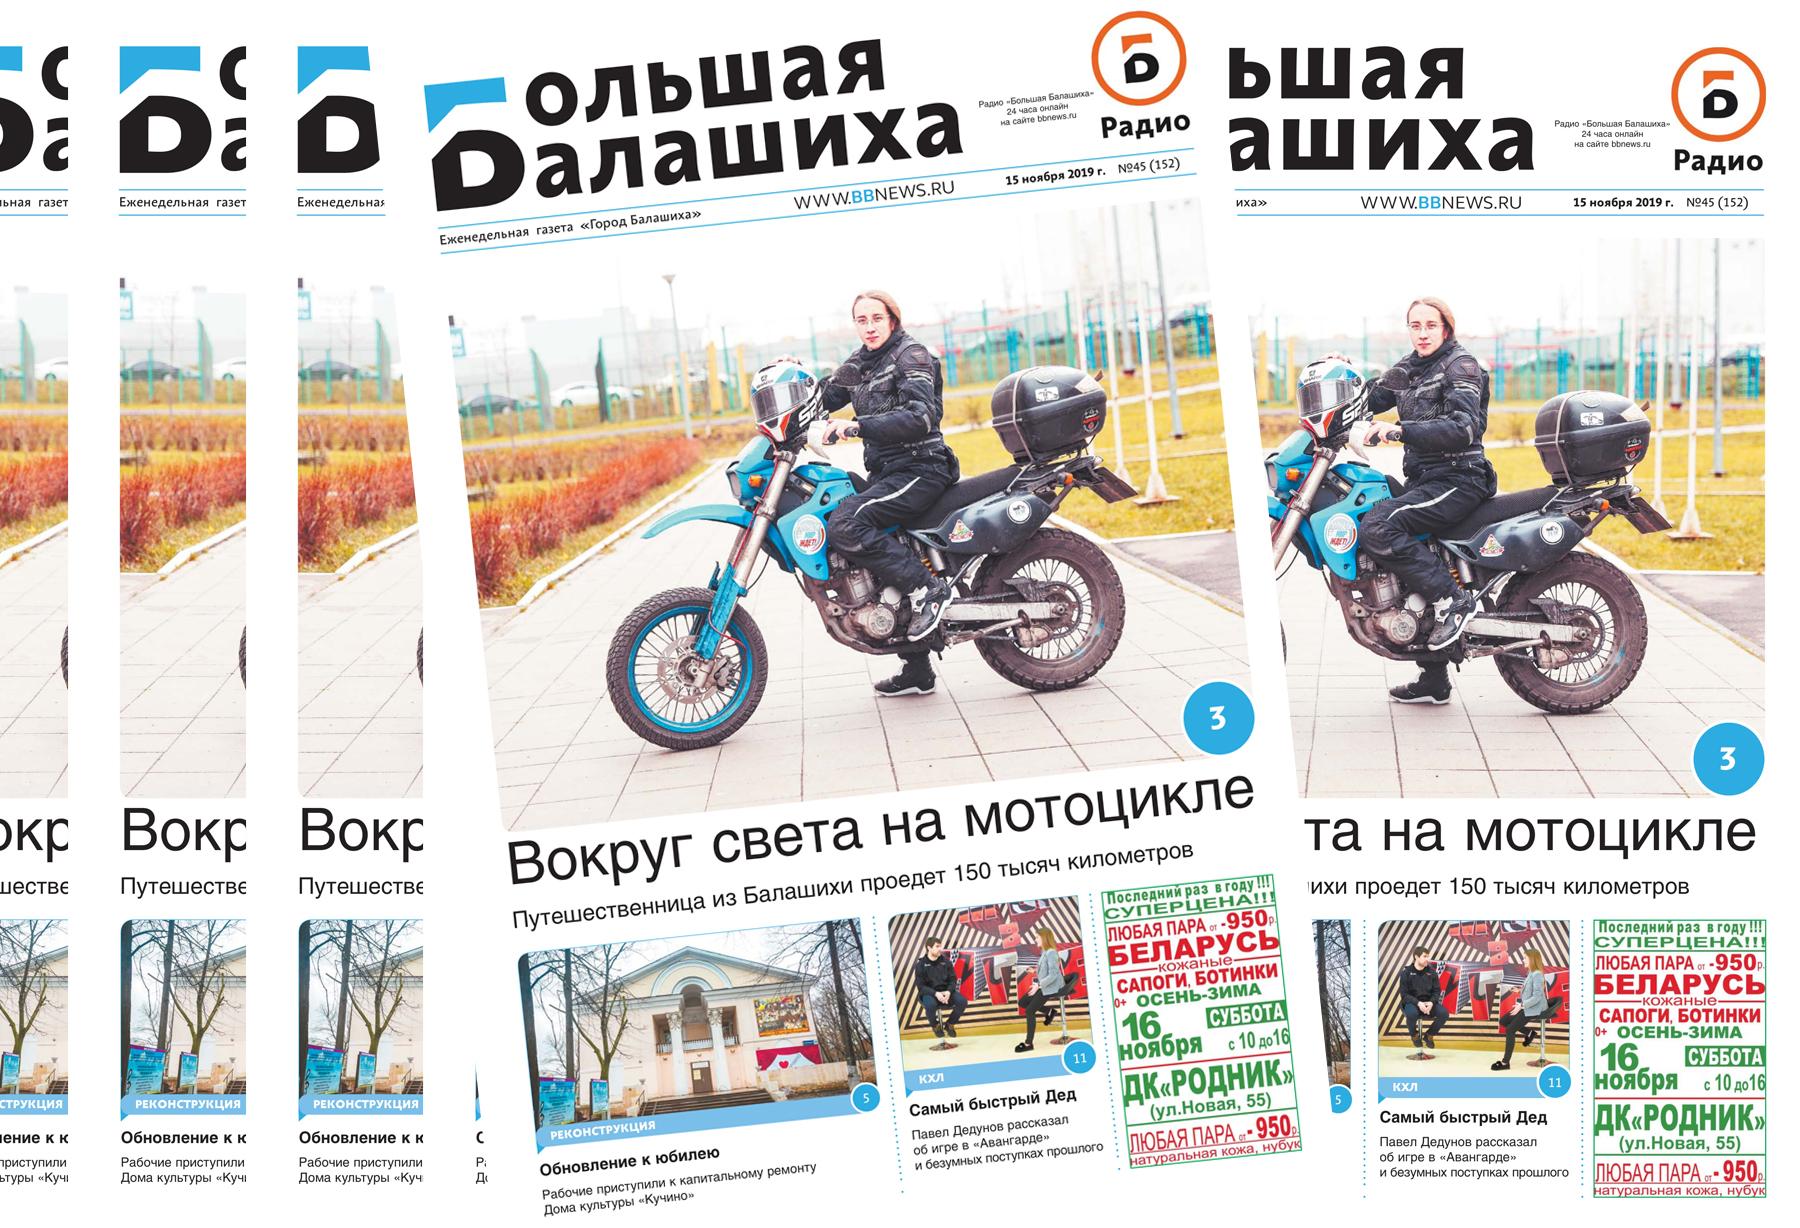 Вышла газета «Город Балашиха» №45 (152)